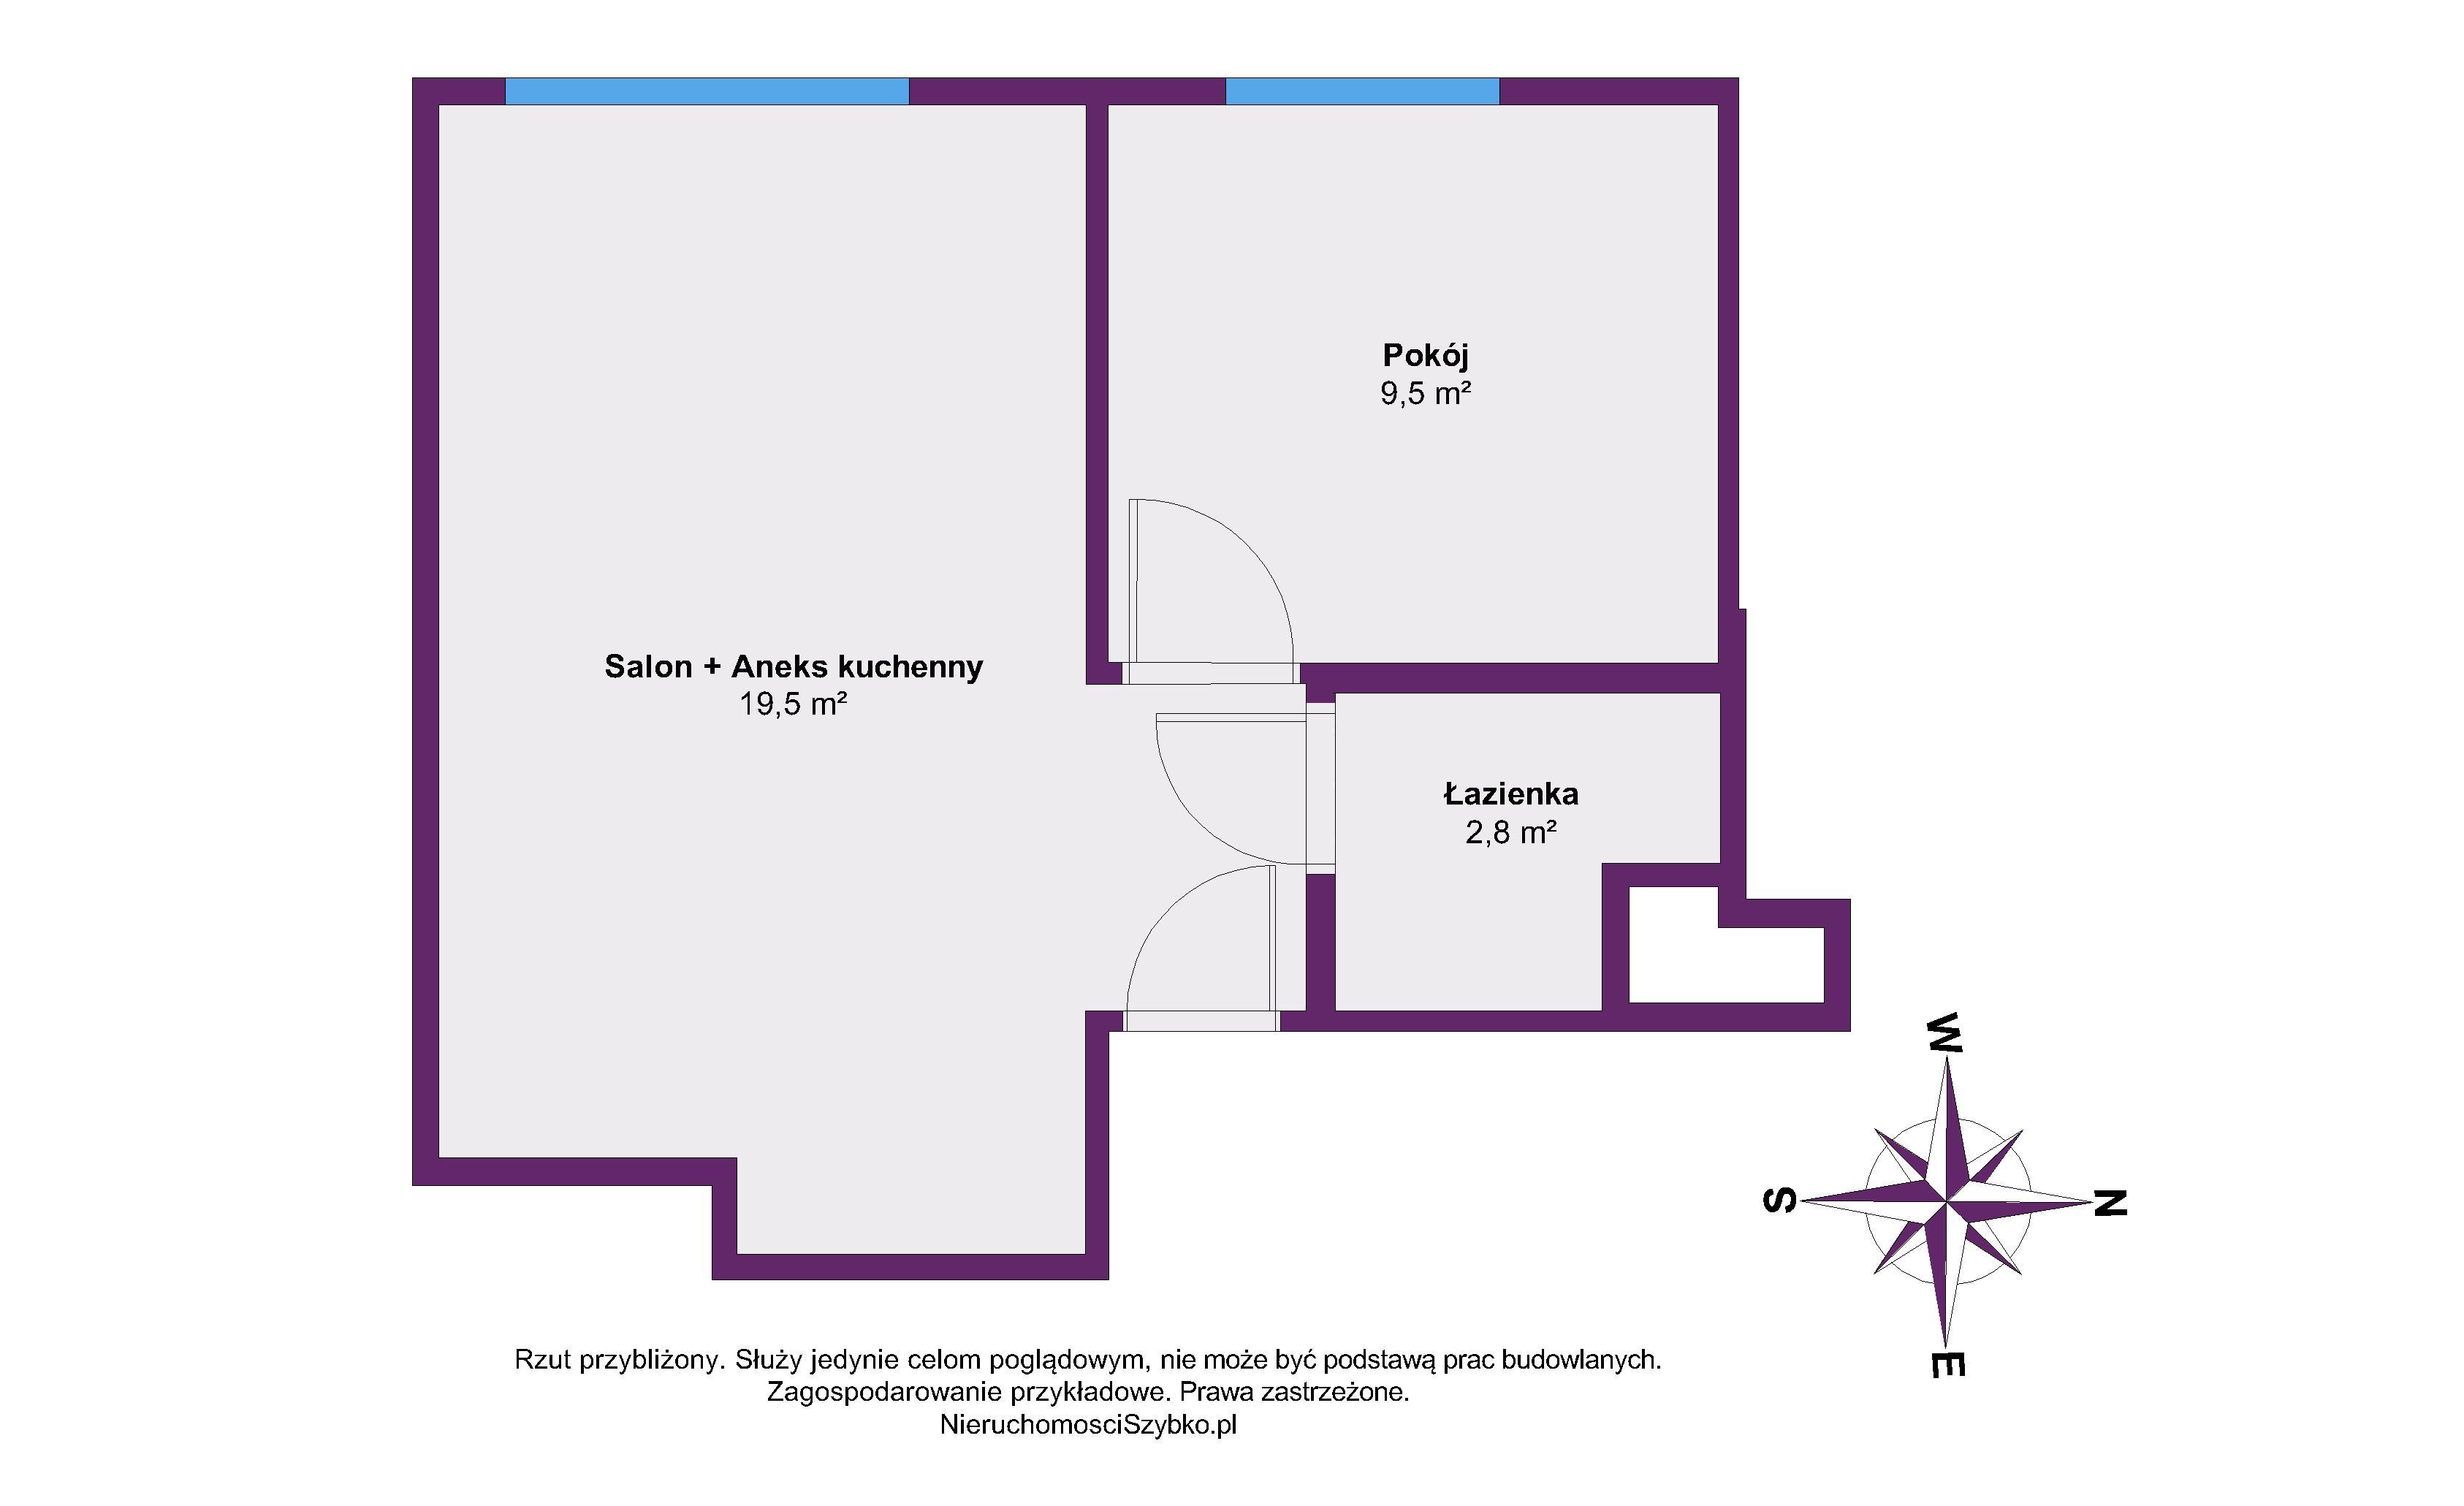 Mieszkanie Warszawa Mokotów na sprzedaż 37 m² NieruchomosciSzybko.pl